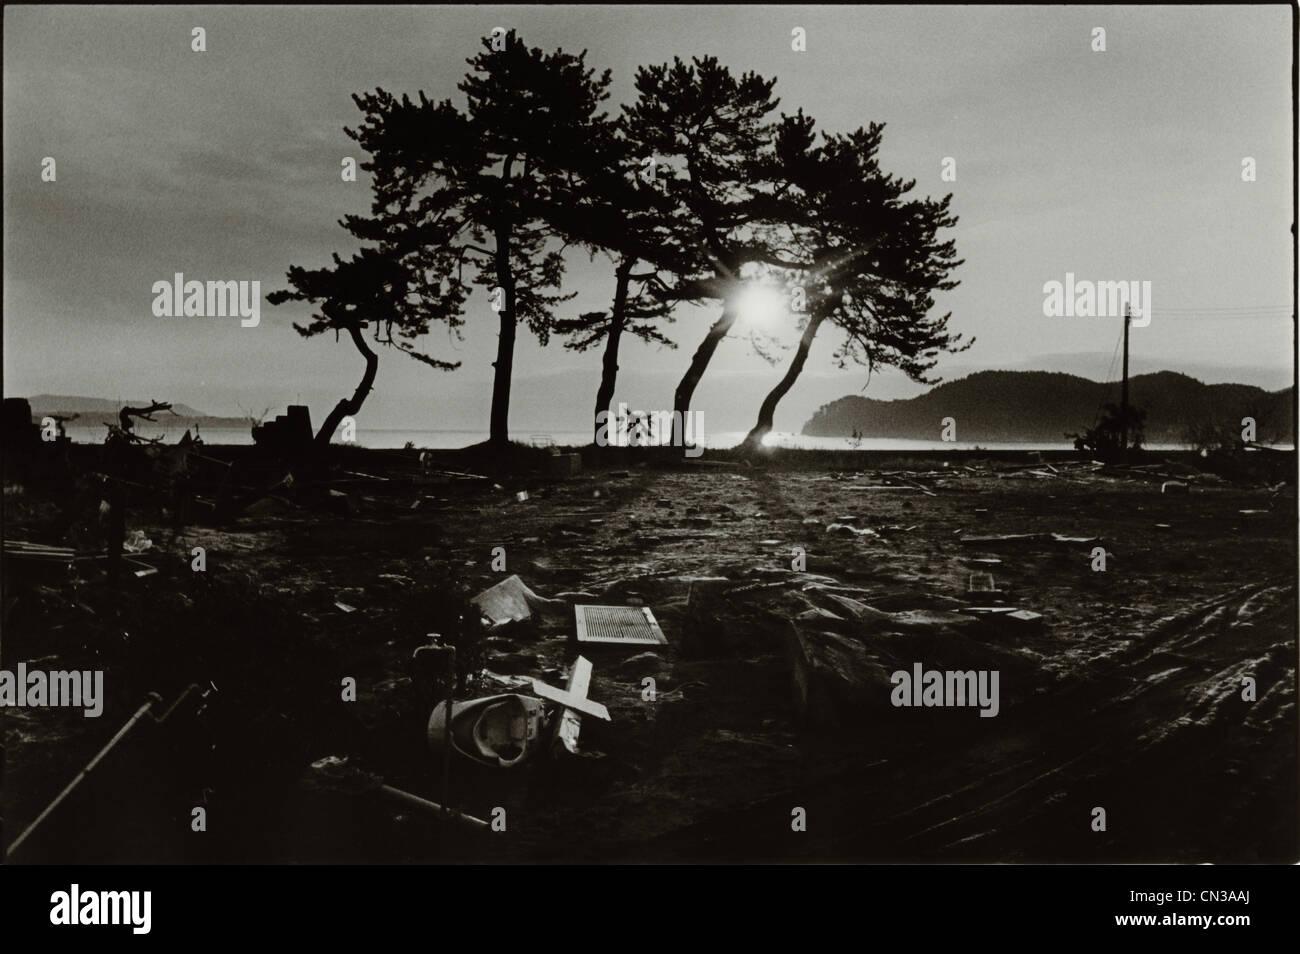 Sonnenlicht durch Silhouette Bäume und Geröll in Folge des 2011 Tohoku Erdbeben und Tsunami Stockfoto